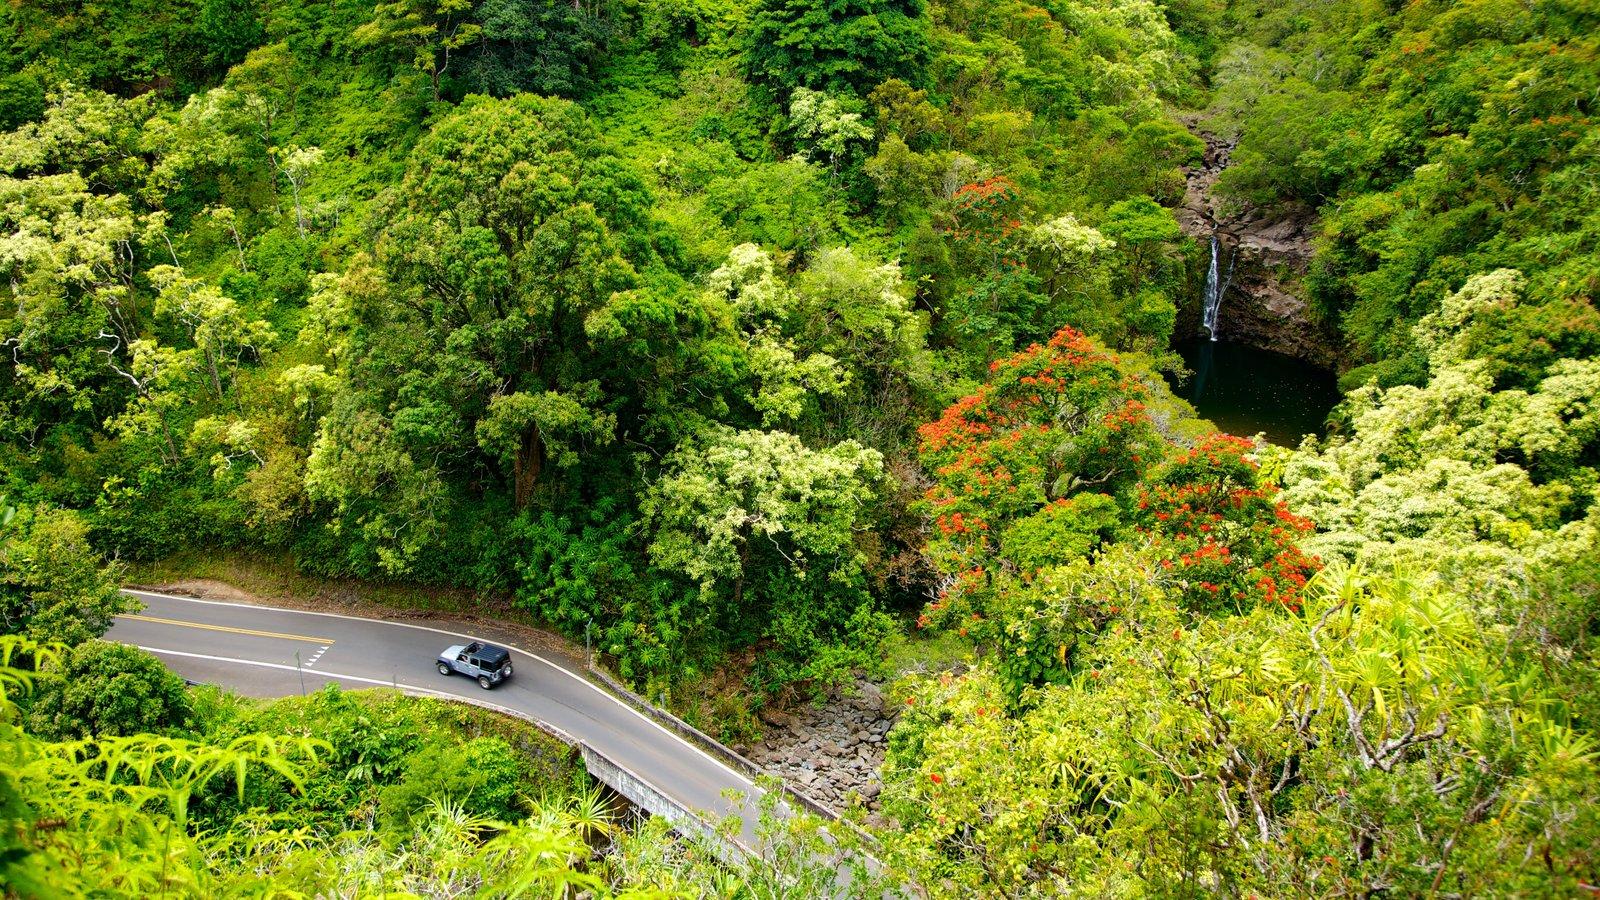 Isla de Maui mostrando flores silvestres, vistas de paisajes y escenas tranquilas